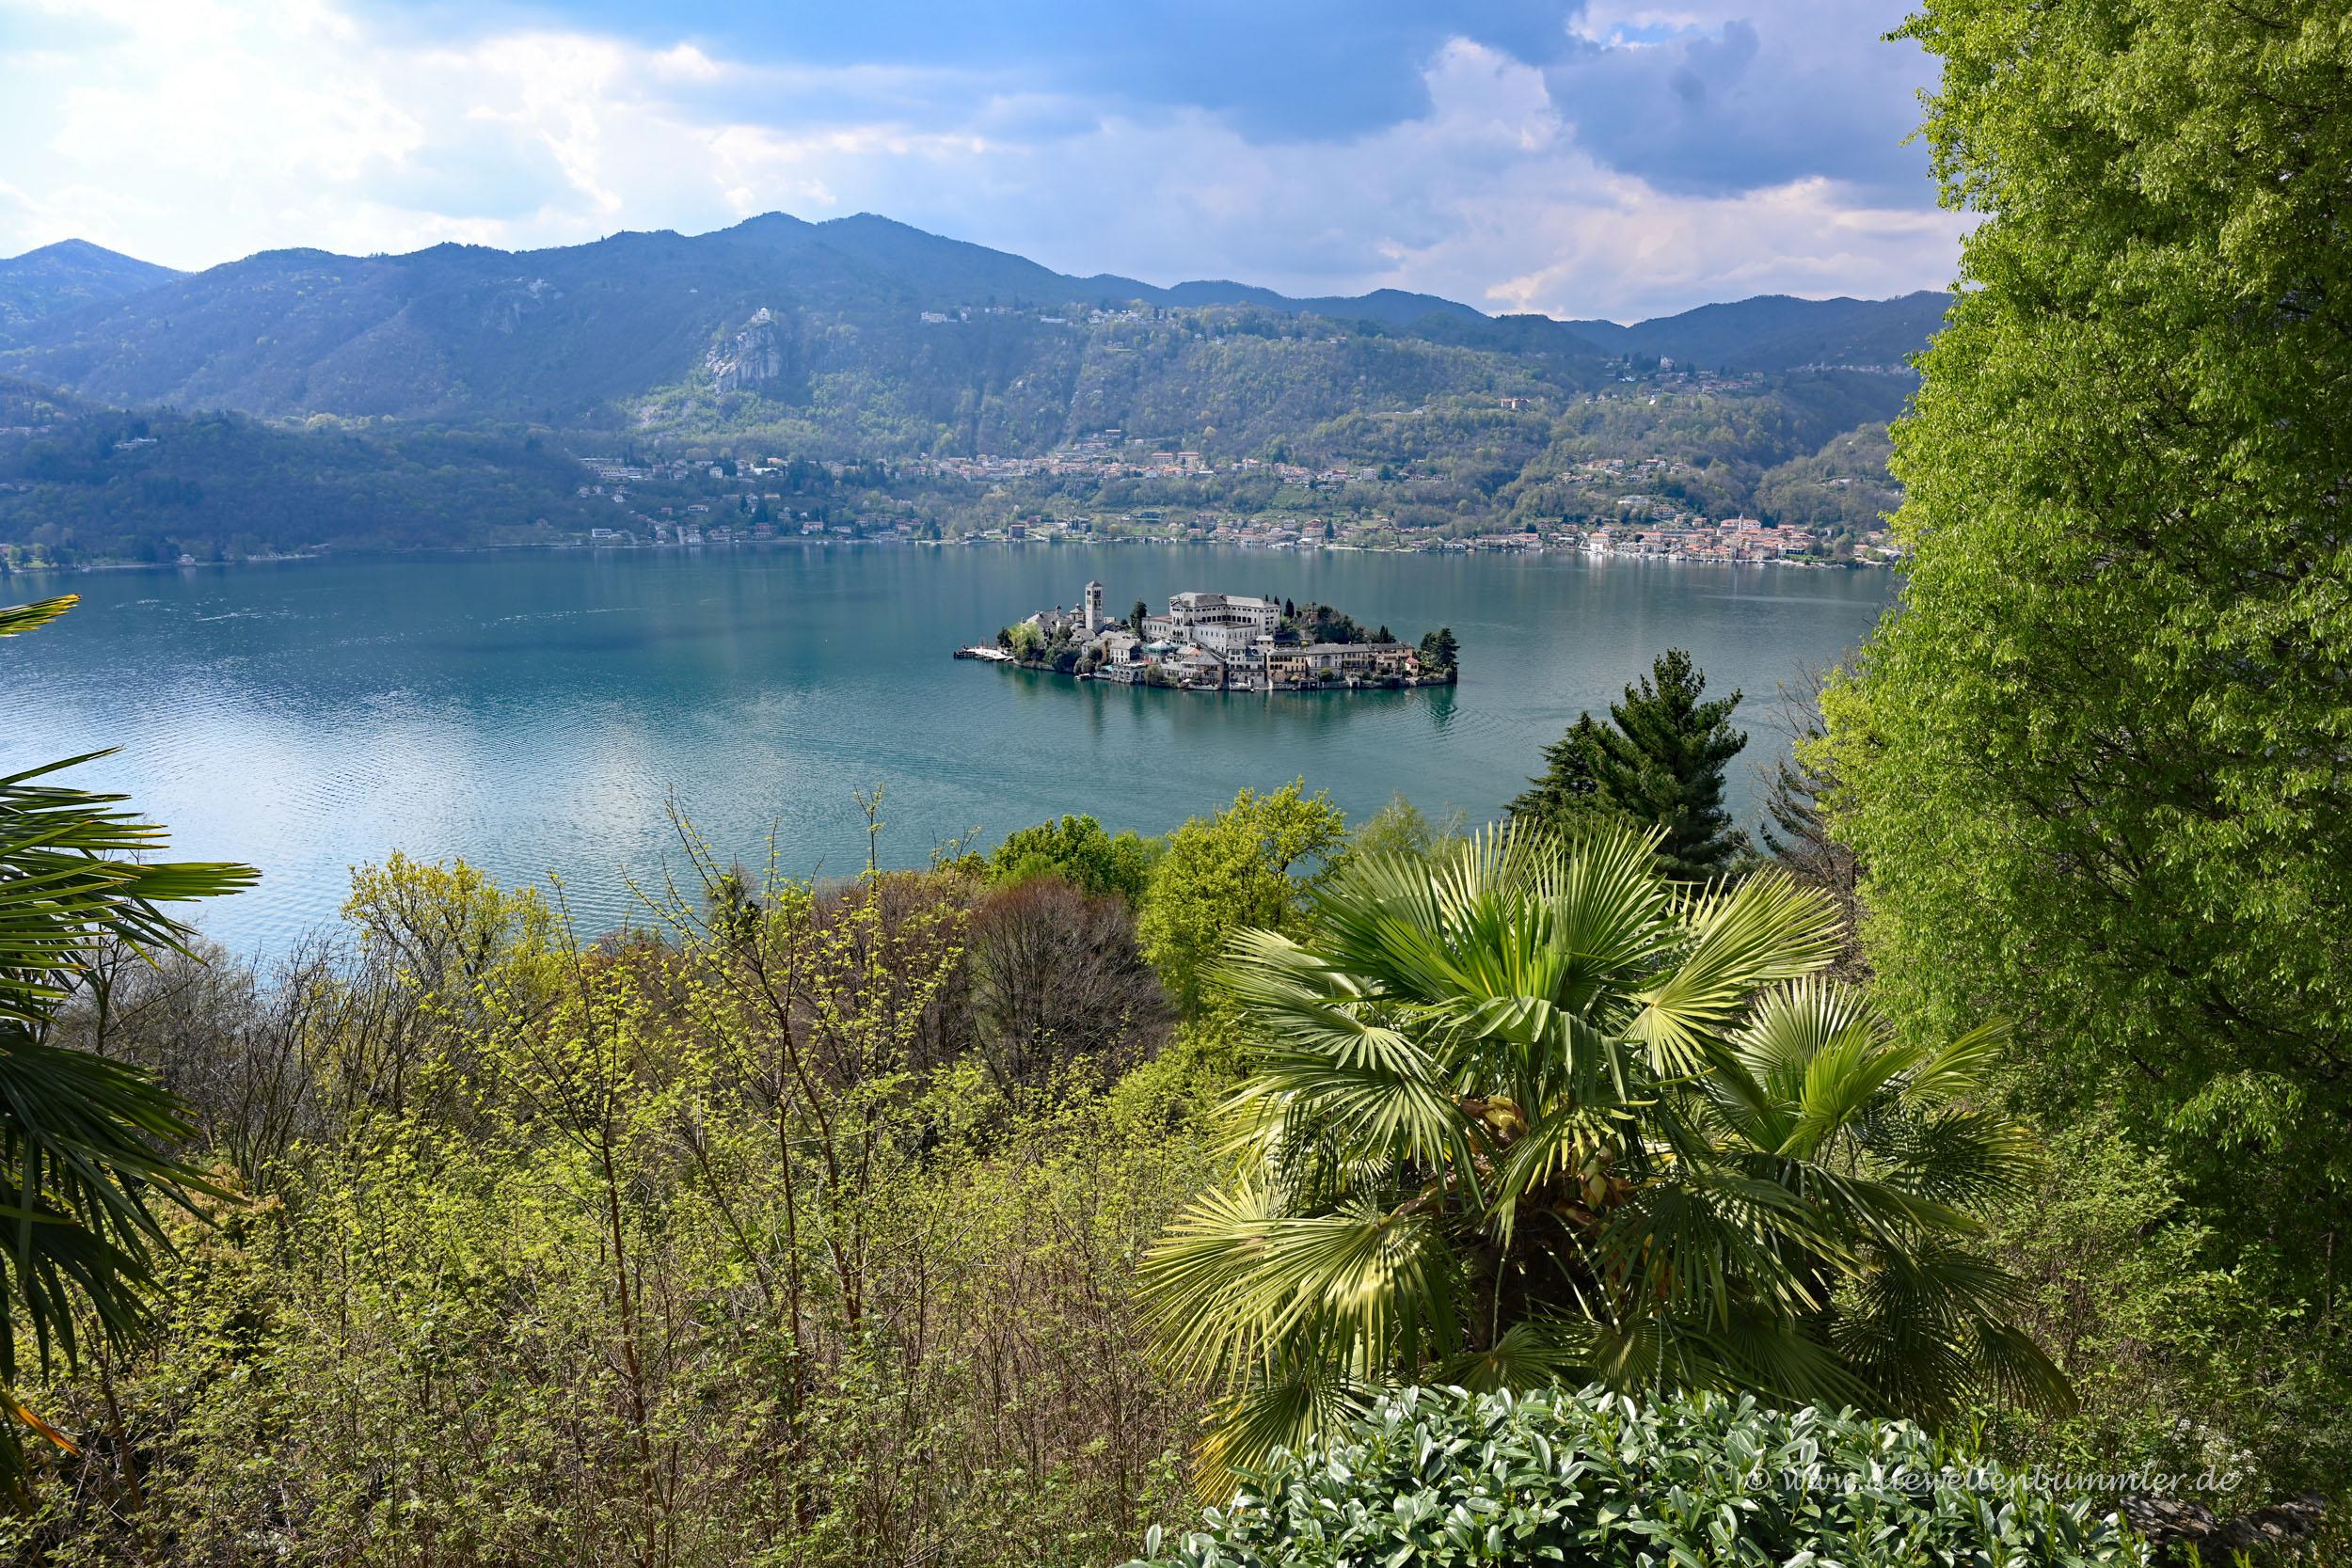 Insel im Lago Orta